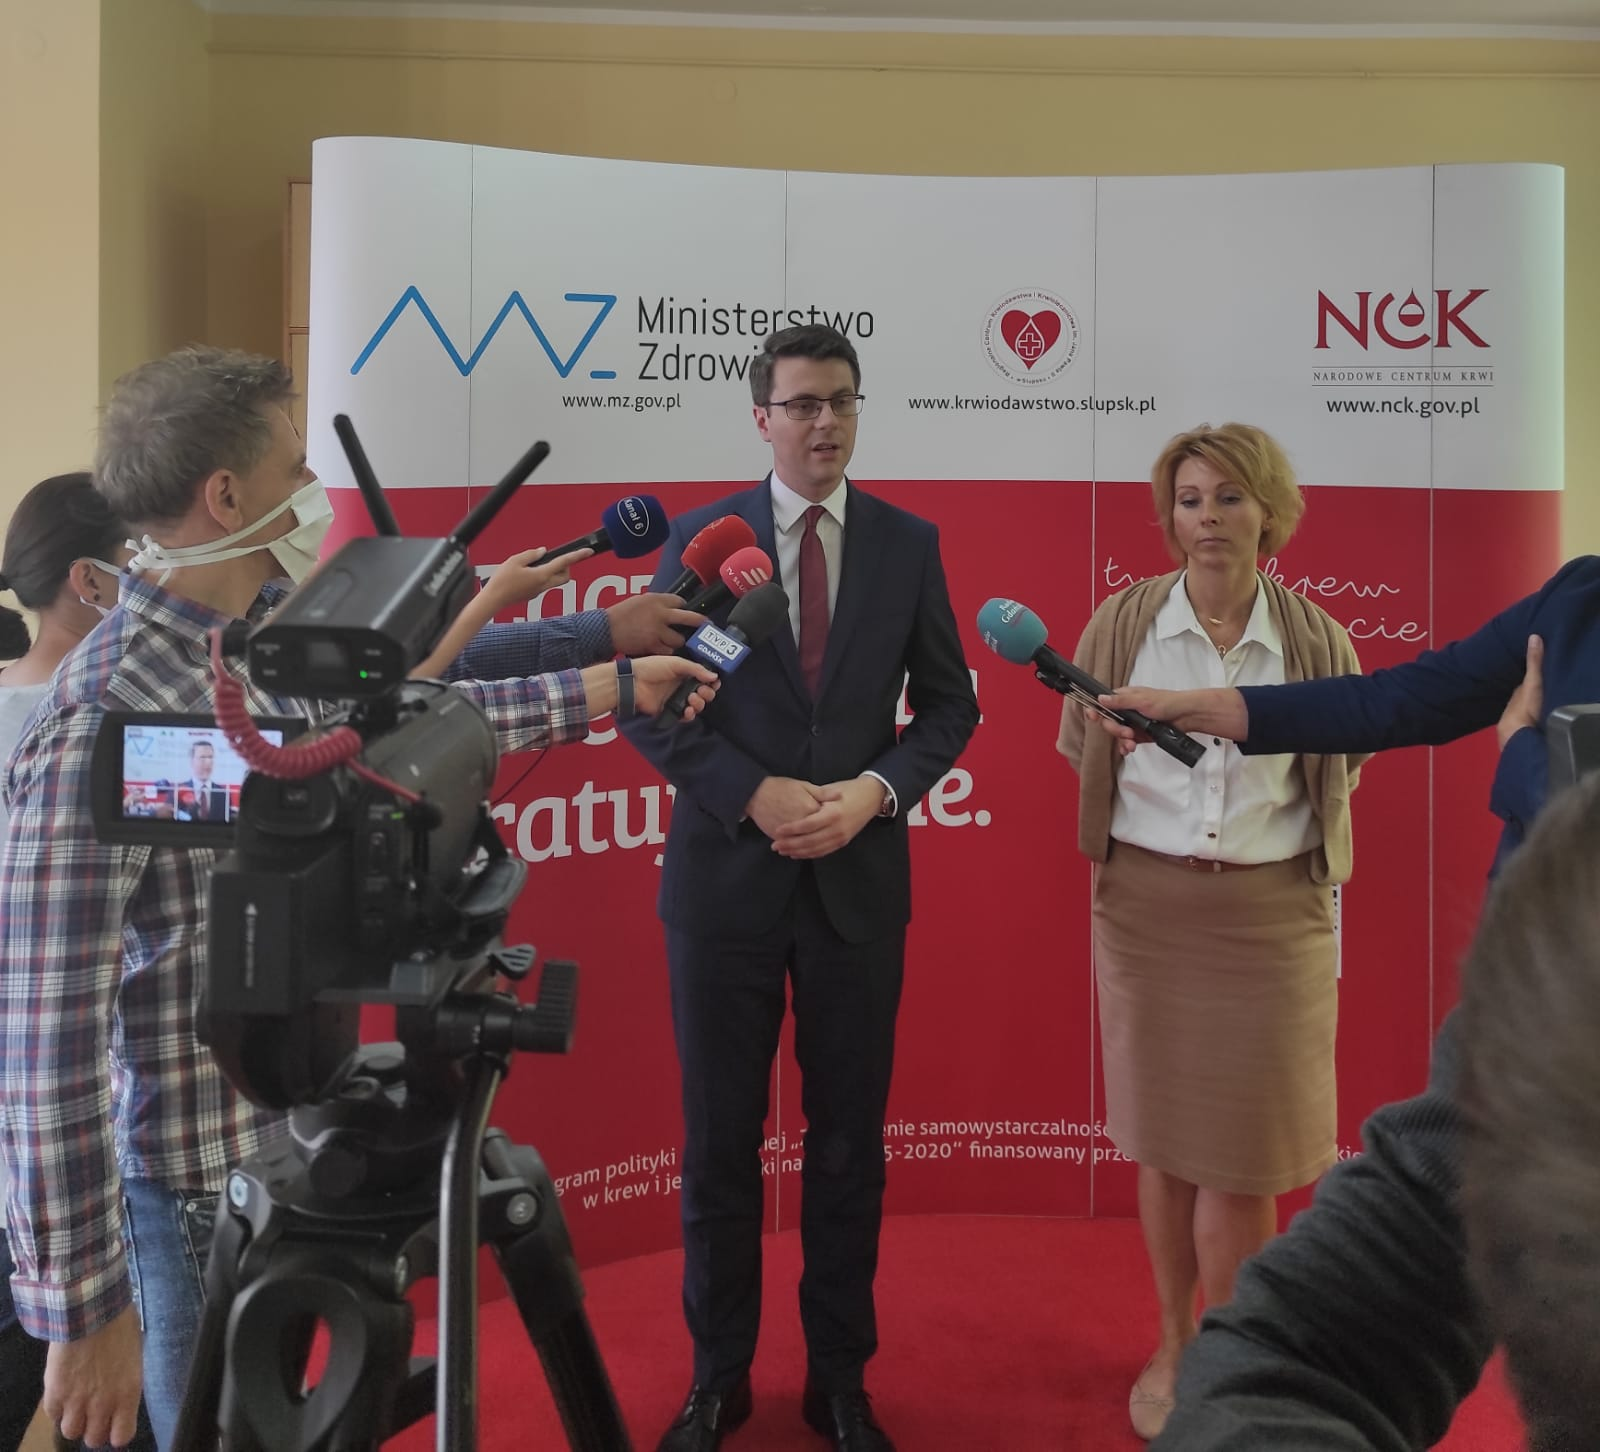 Ponad 300 tysięcy zł na modernizację Regionalnego Centrum  Krwiodawstwa i Krwiolecznictwa im. Jana Pawła II w Słupsku